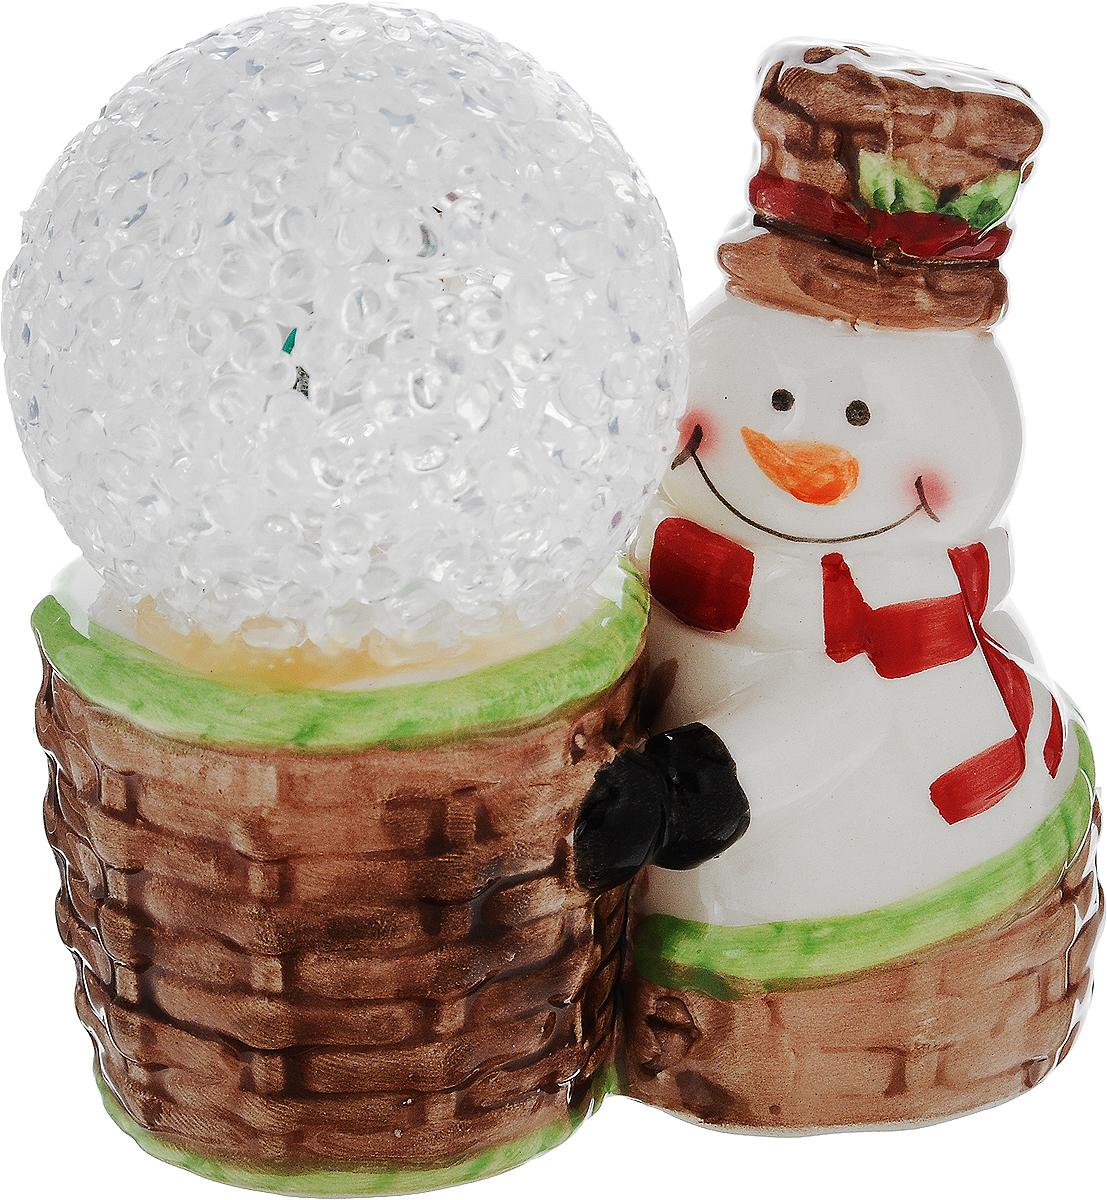 Фигурка декоративная House & Holder Снеговик, с подсветкой, высота 9,5 смDP-B63-39740Фигурка декоративная House & Holder Снеговик, выполненная из керамики, станет оригинальным подарком для всех любителей необычных вещей. Изделие работает от батареек типа LR44 (входят в комплект). Изысканный сувенир станет прекрасным дополнением к интерьеру. Вы можете поставить фигурку в любом месте, где она будет удачно смотреться и радовать глаз.Высота фигурки: 9,5 см.Диаметр шара: 5 см.